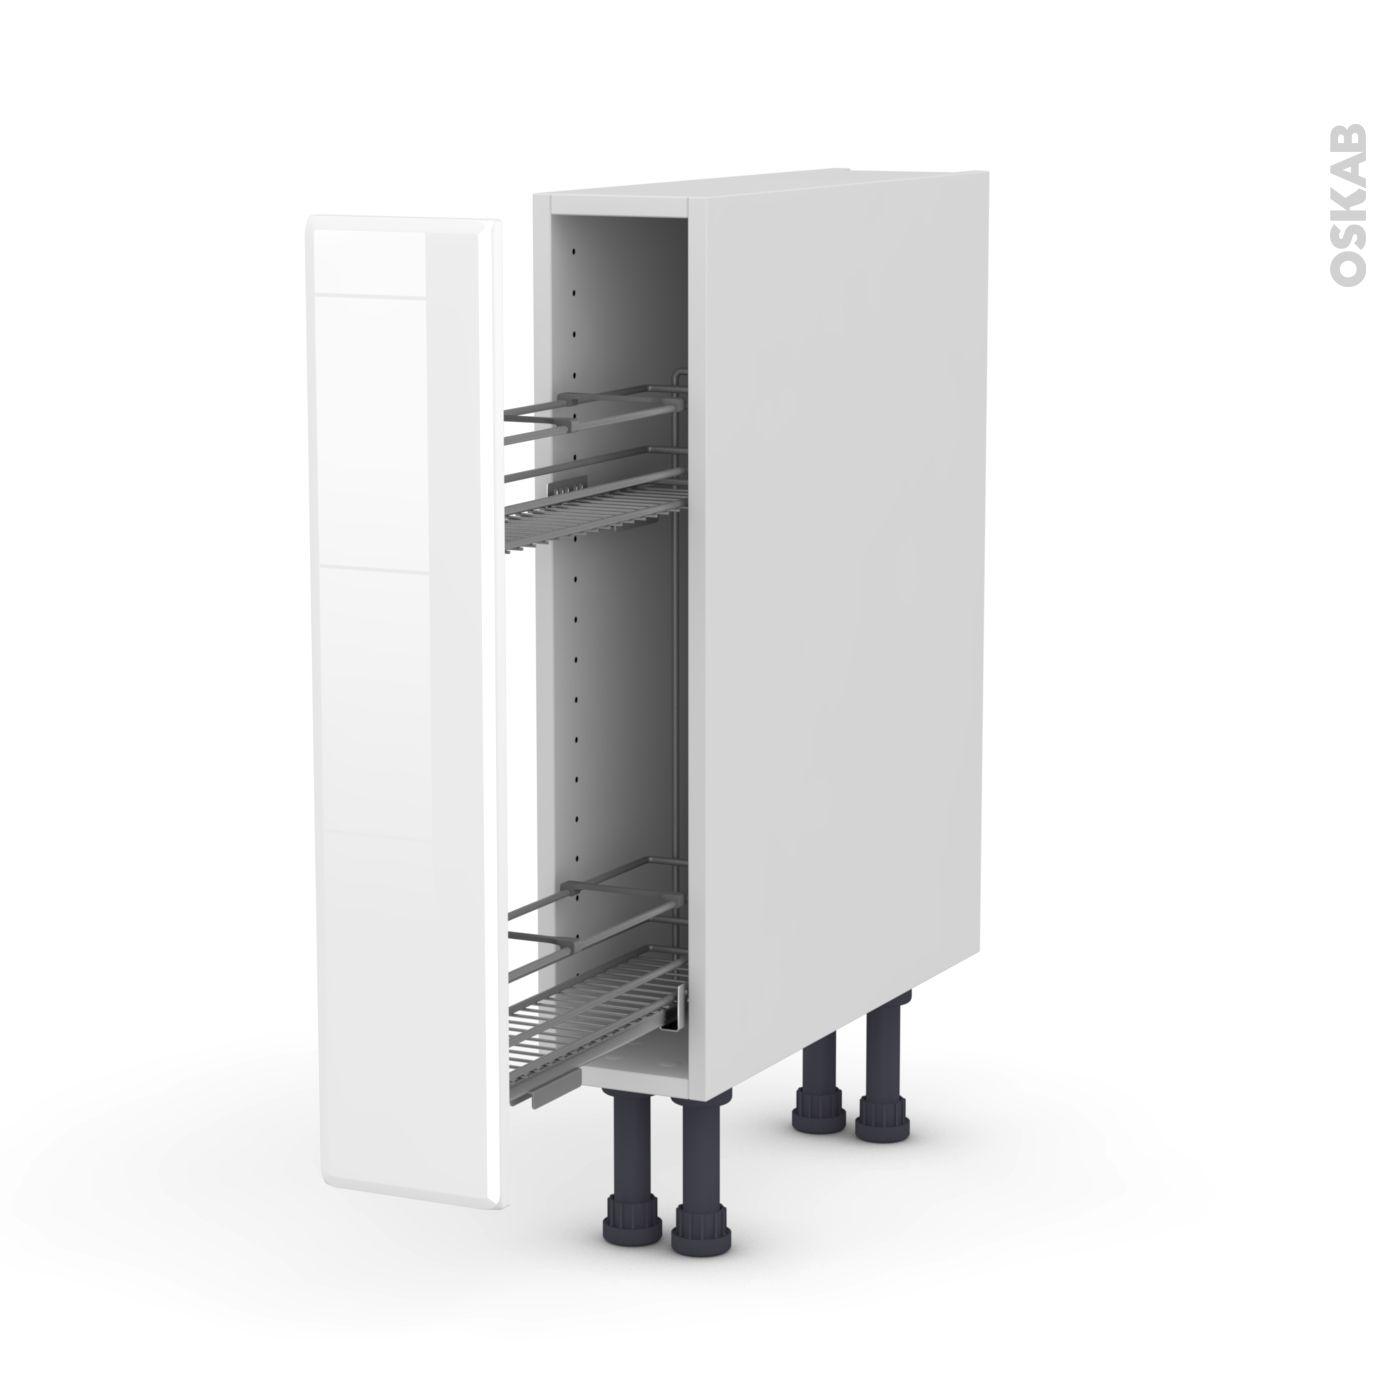 Meuble de cuisine Range épice epoxy IRIS Blanc 14 porte L145 x H14 x